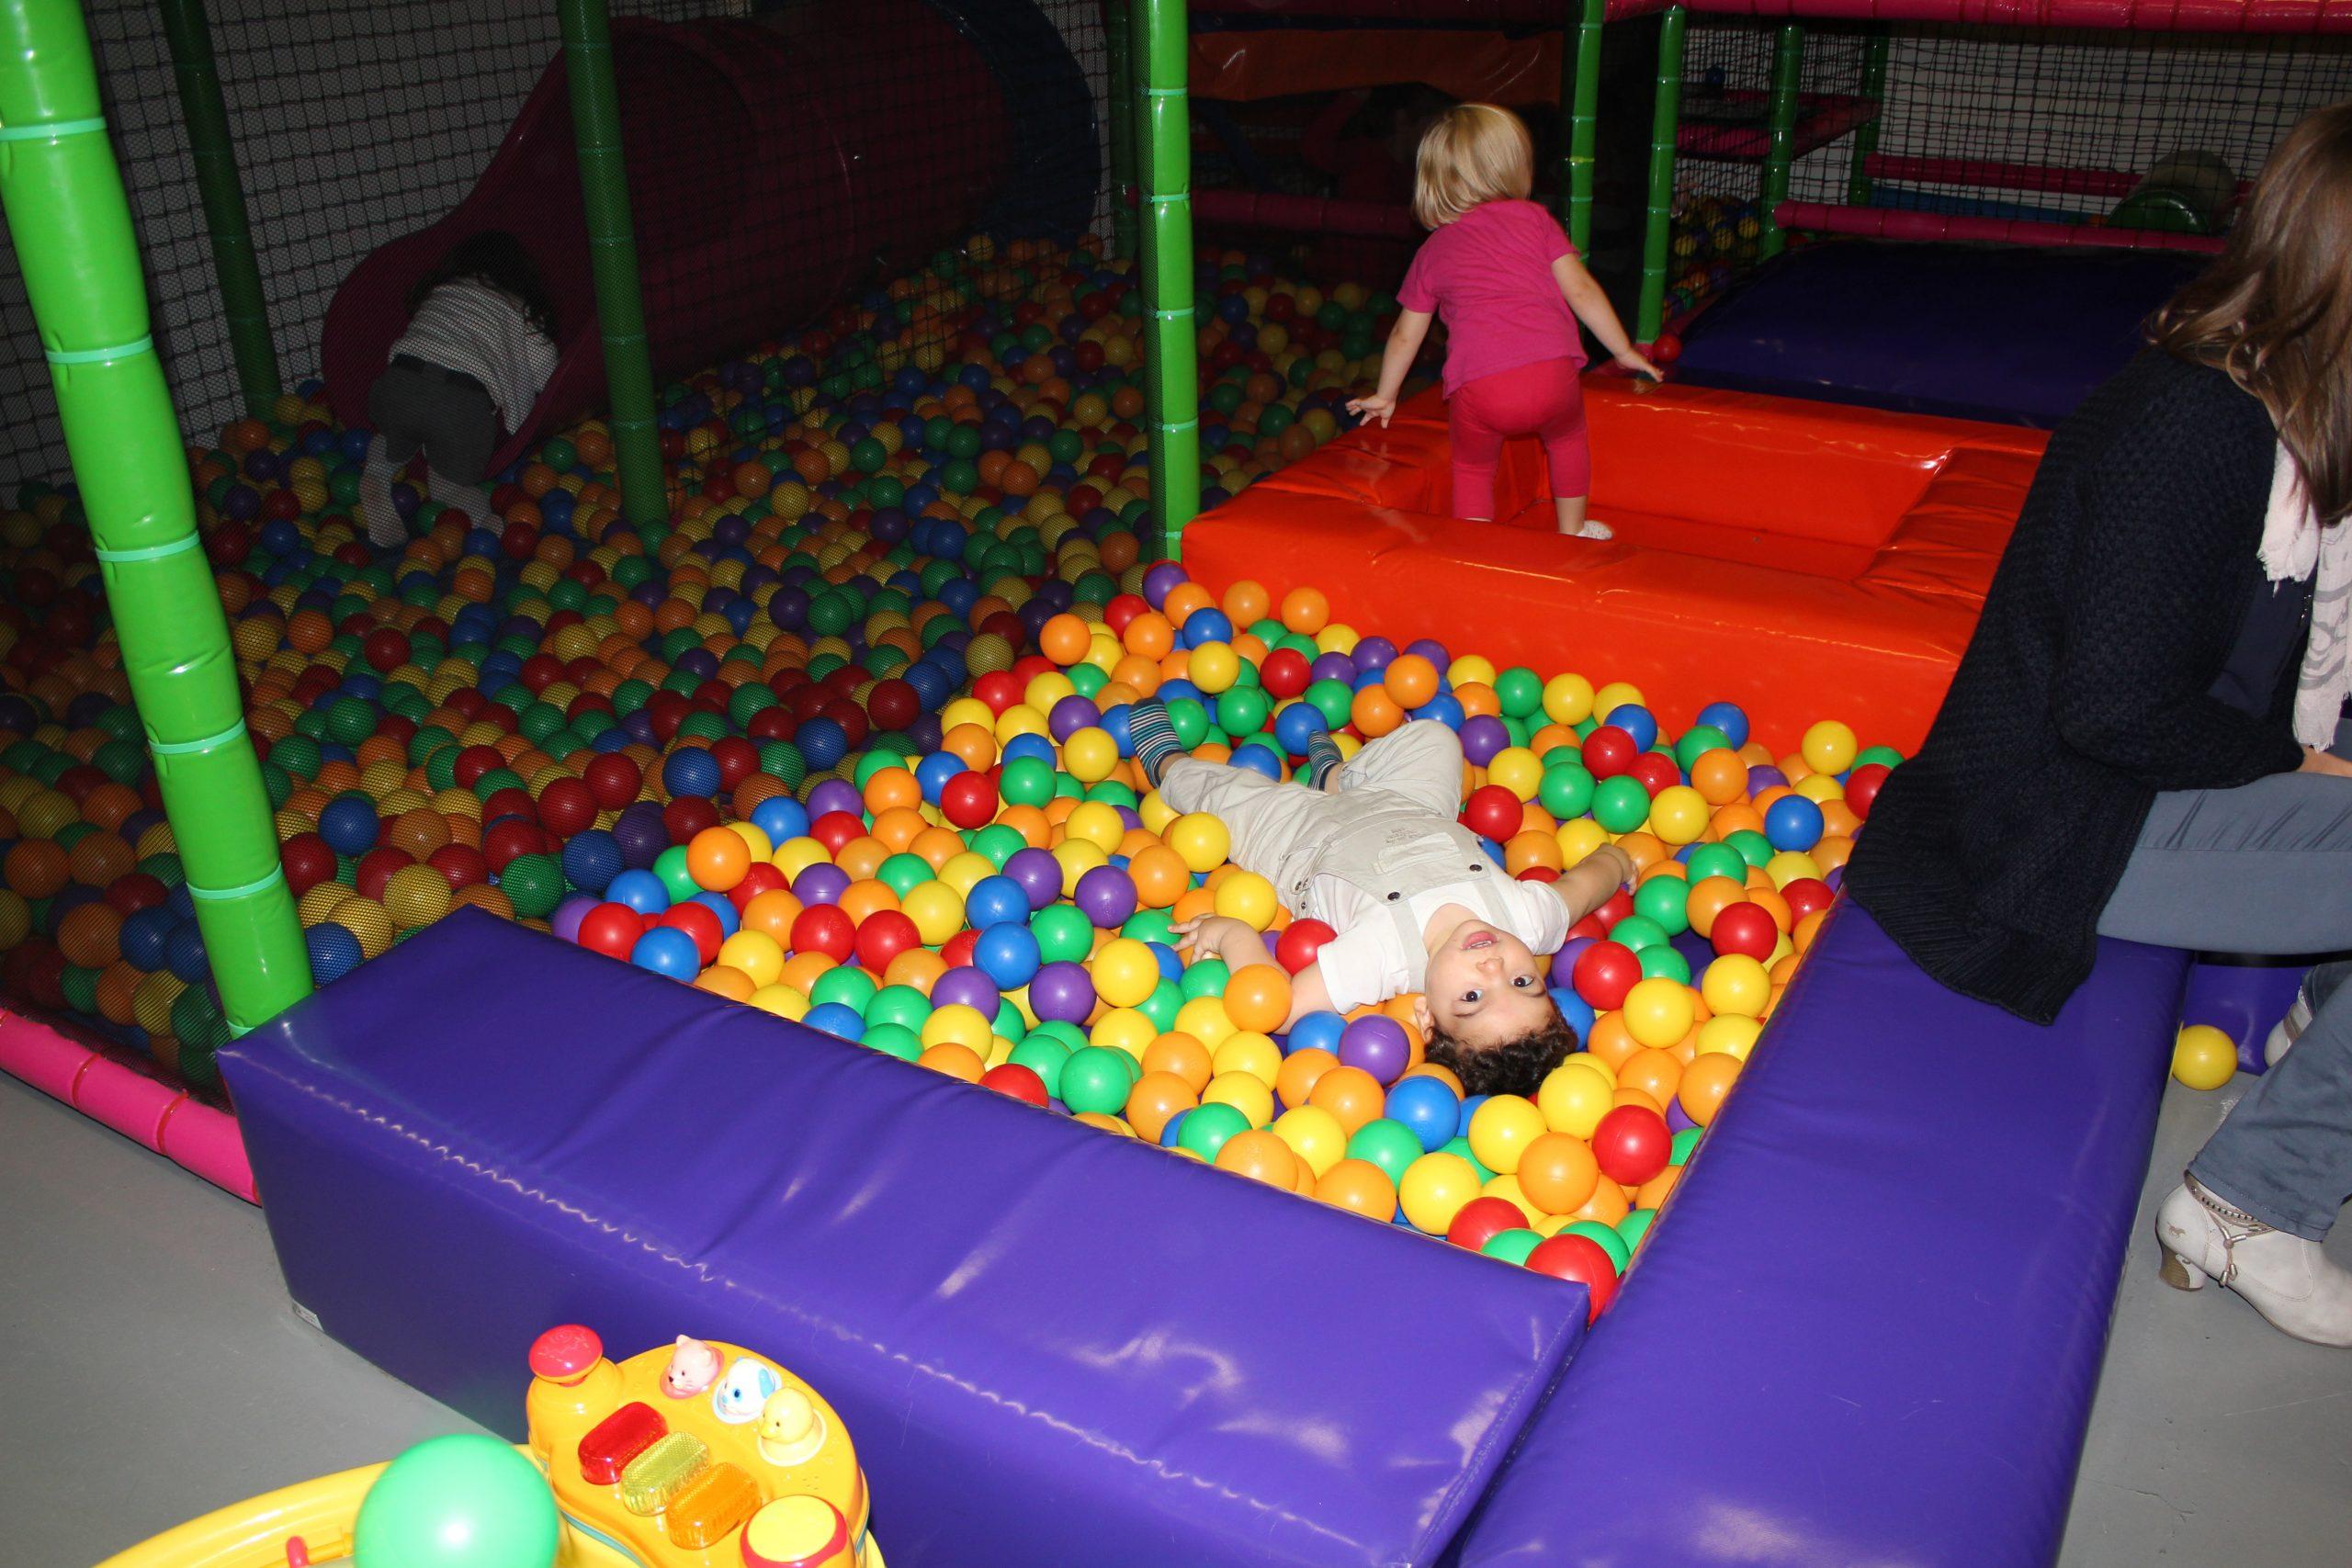 Minizone Pour Les Enfants De 1 A 3,5 Ans – Kids Moments intérieur Jeux Pour Enfant De 5 Ans